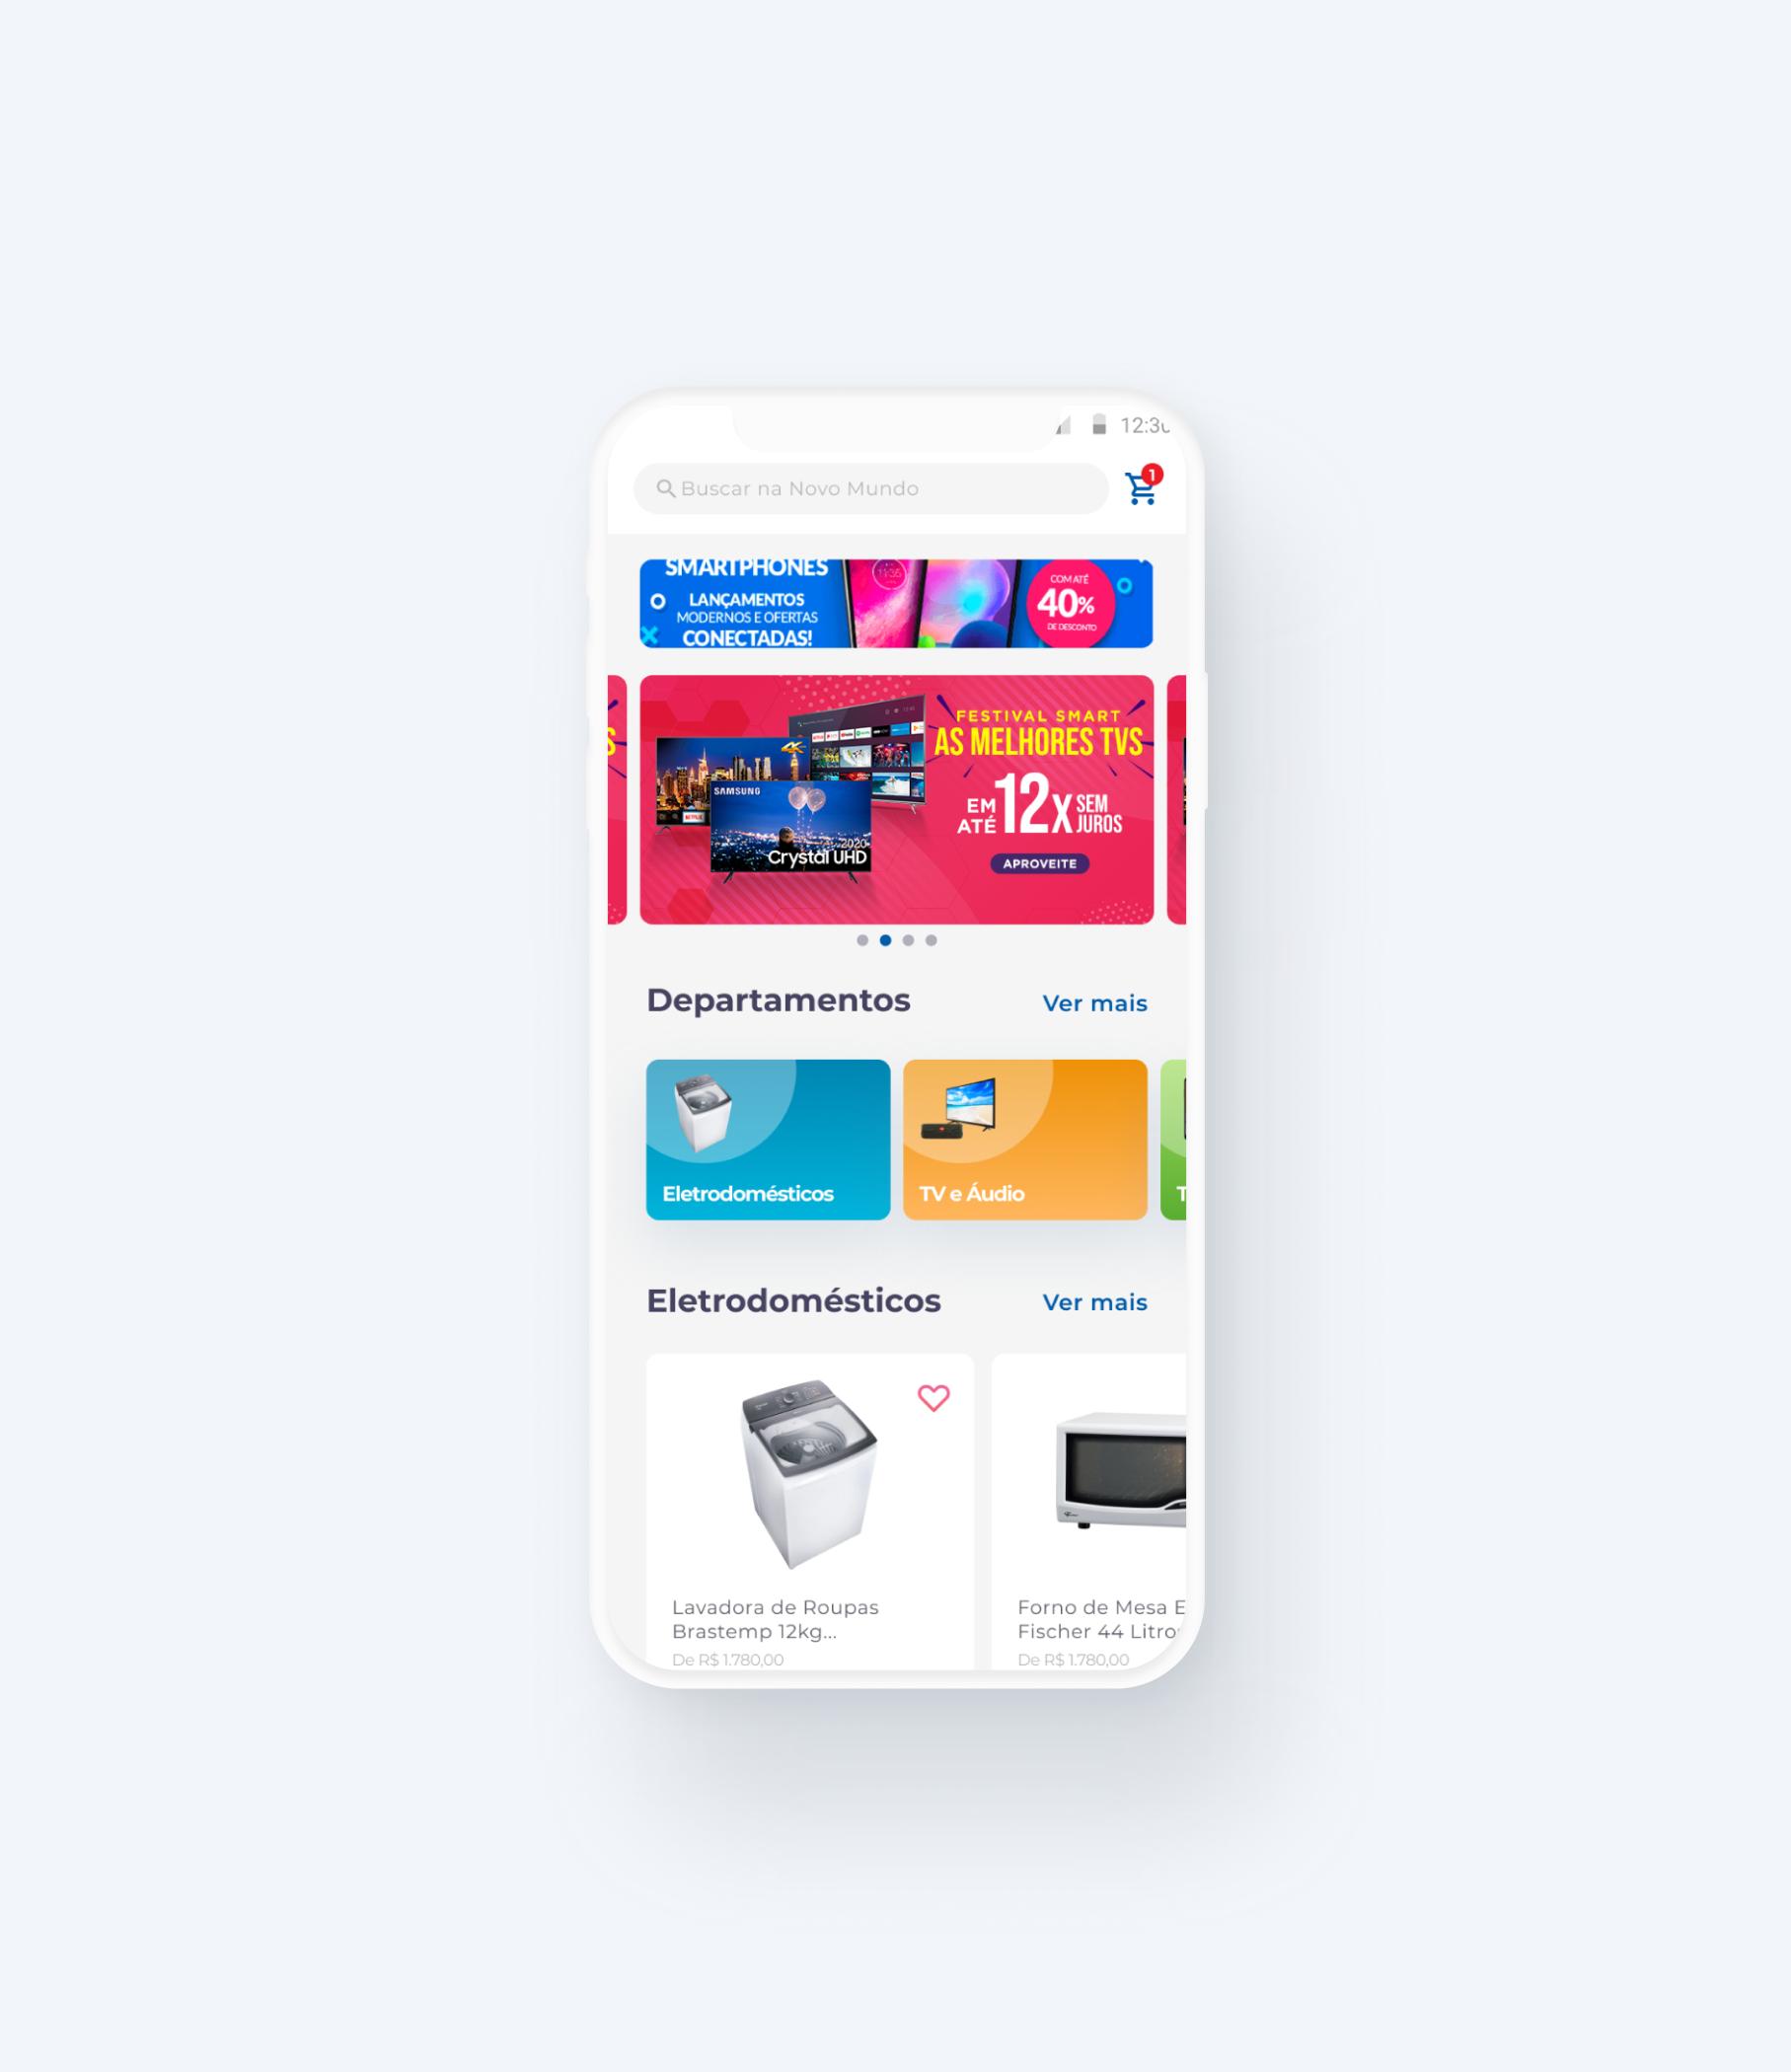 Com um design inovador e descontraído, desenvolvemos uma nova experiência de compra, simples e intuitiva. O aplicativo conta com tecnologia de ponta para gestão de conteúdos e publicação de novas ofertas, trazendo muito mais agilidade para o negócio e aumentando as vendas.